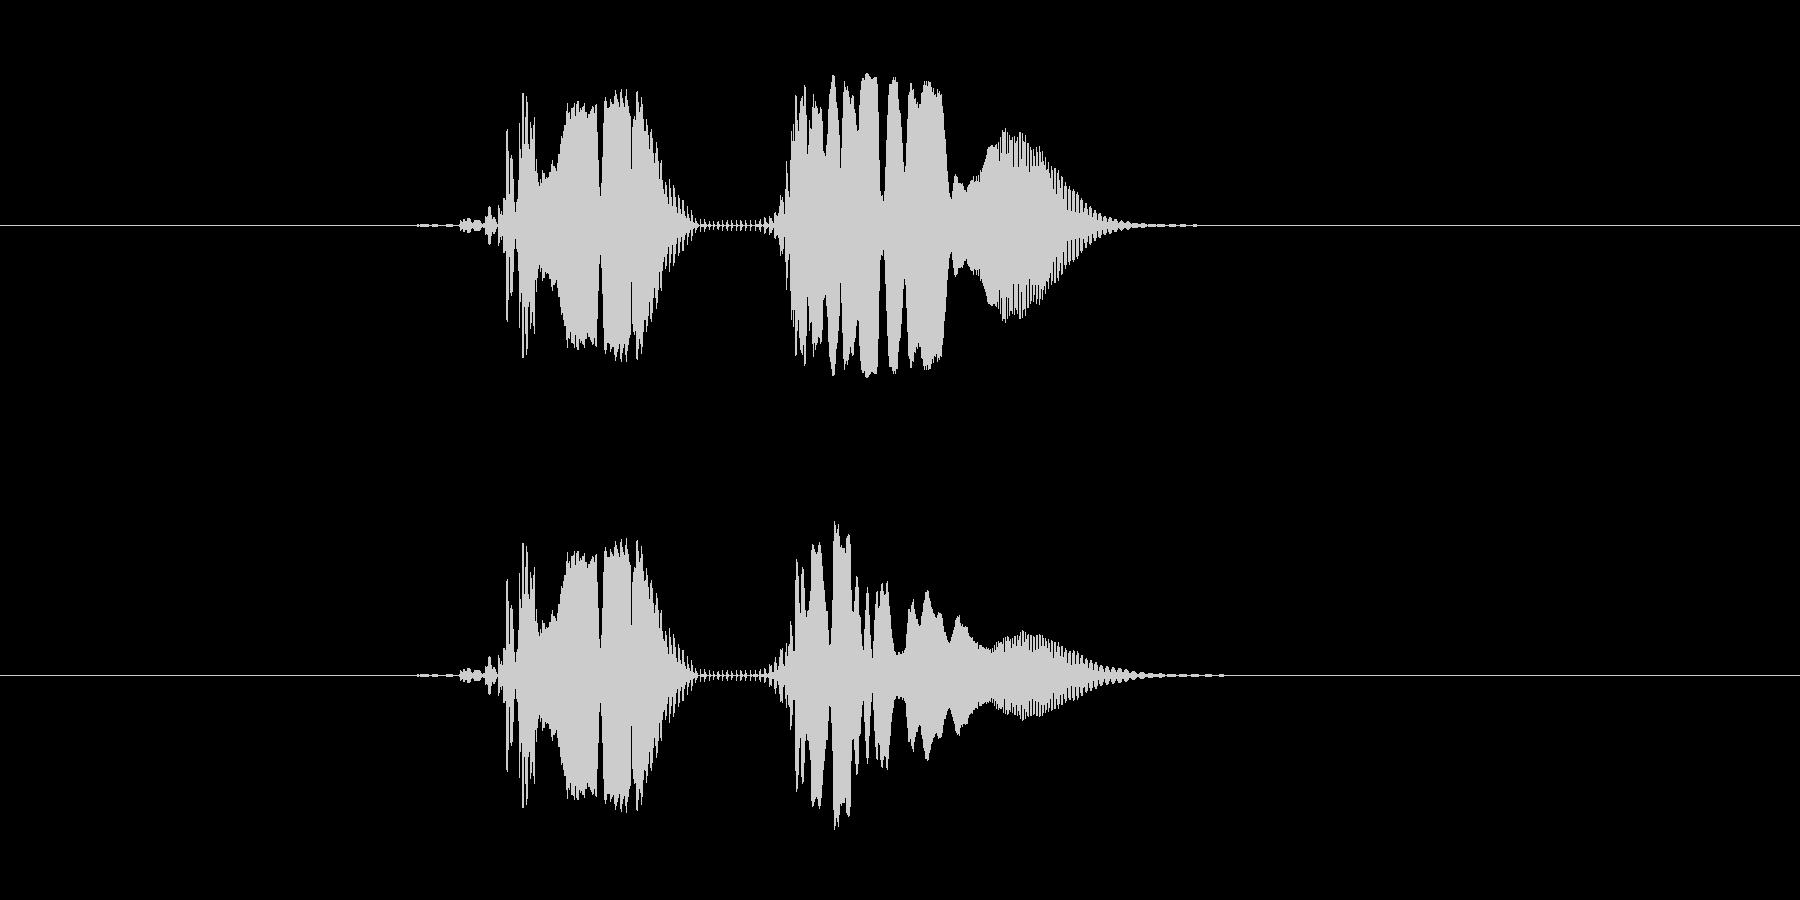 「ビィョン」という速度の速めなビーム音の未再生の波形